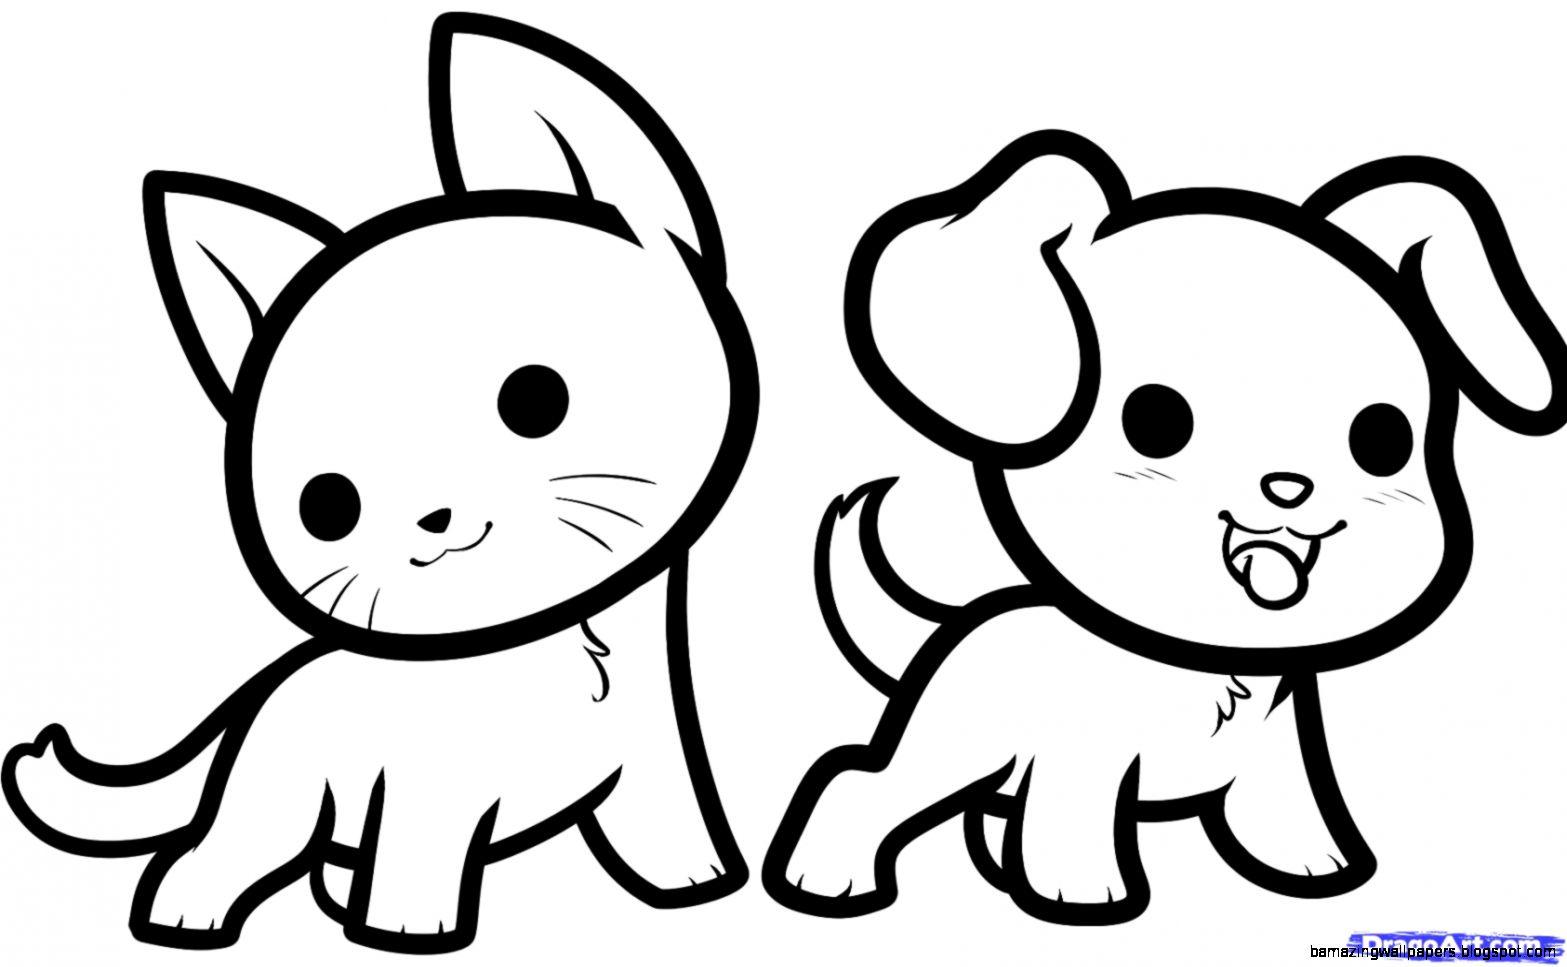 Easy Cute Step By Step Animal Drawings